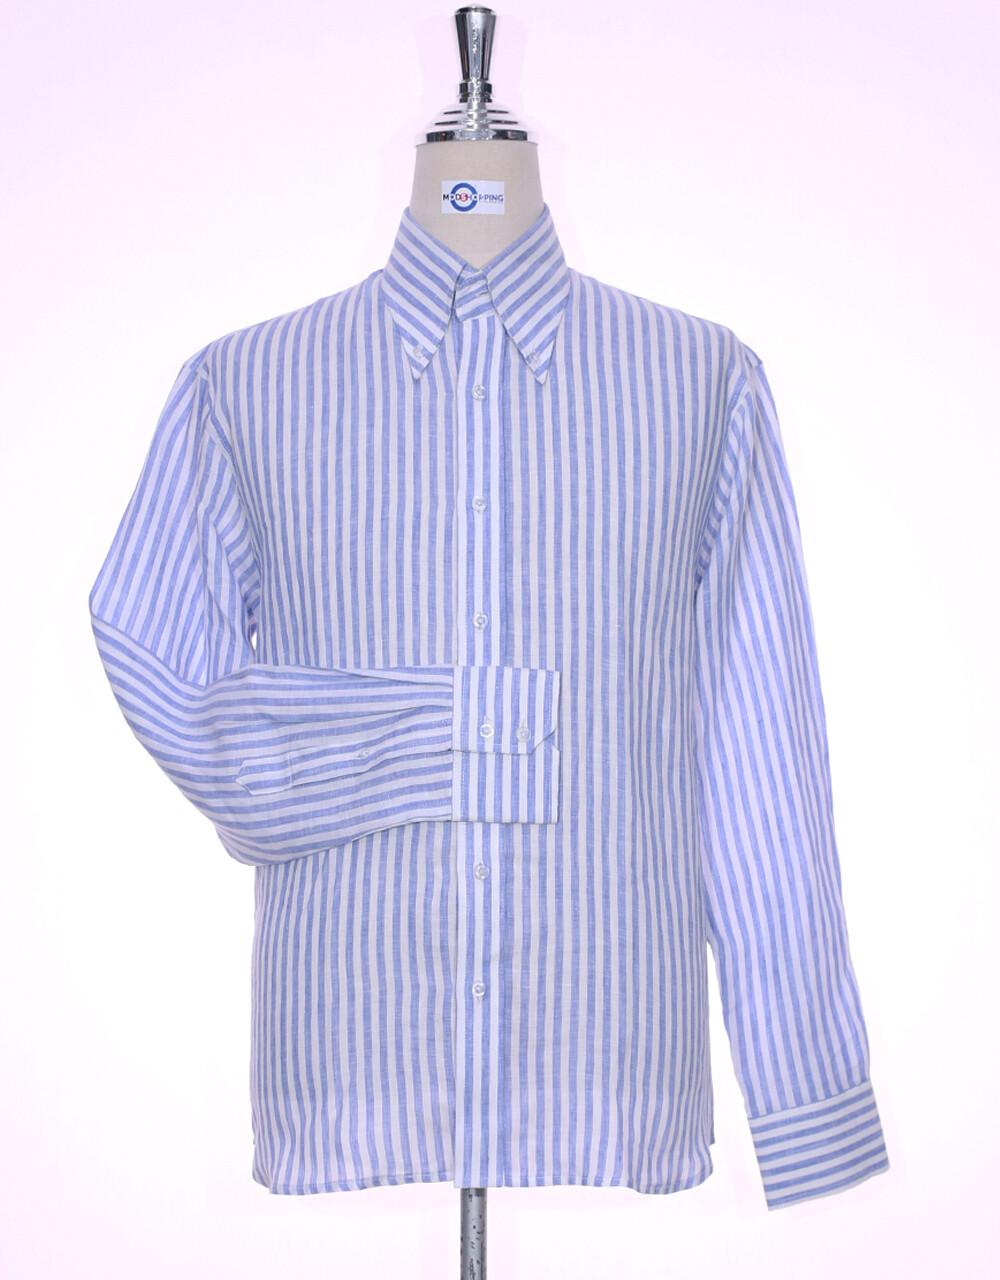 Original Linen Shirt   Sky Blue Striped Linen Men Shirt